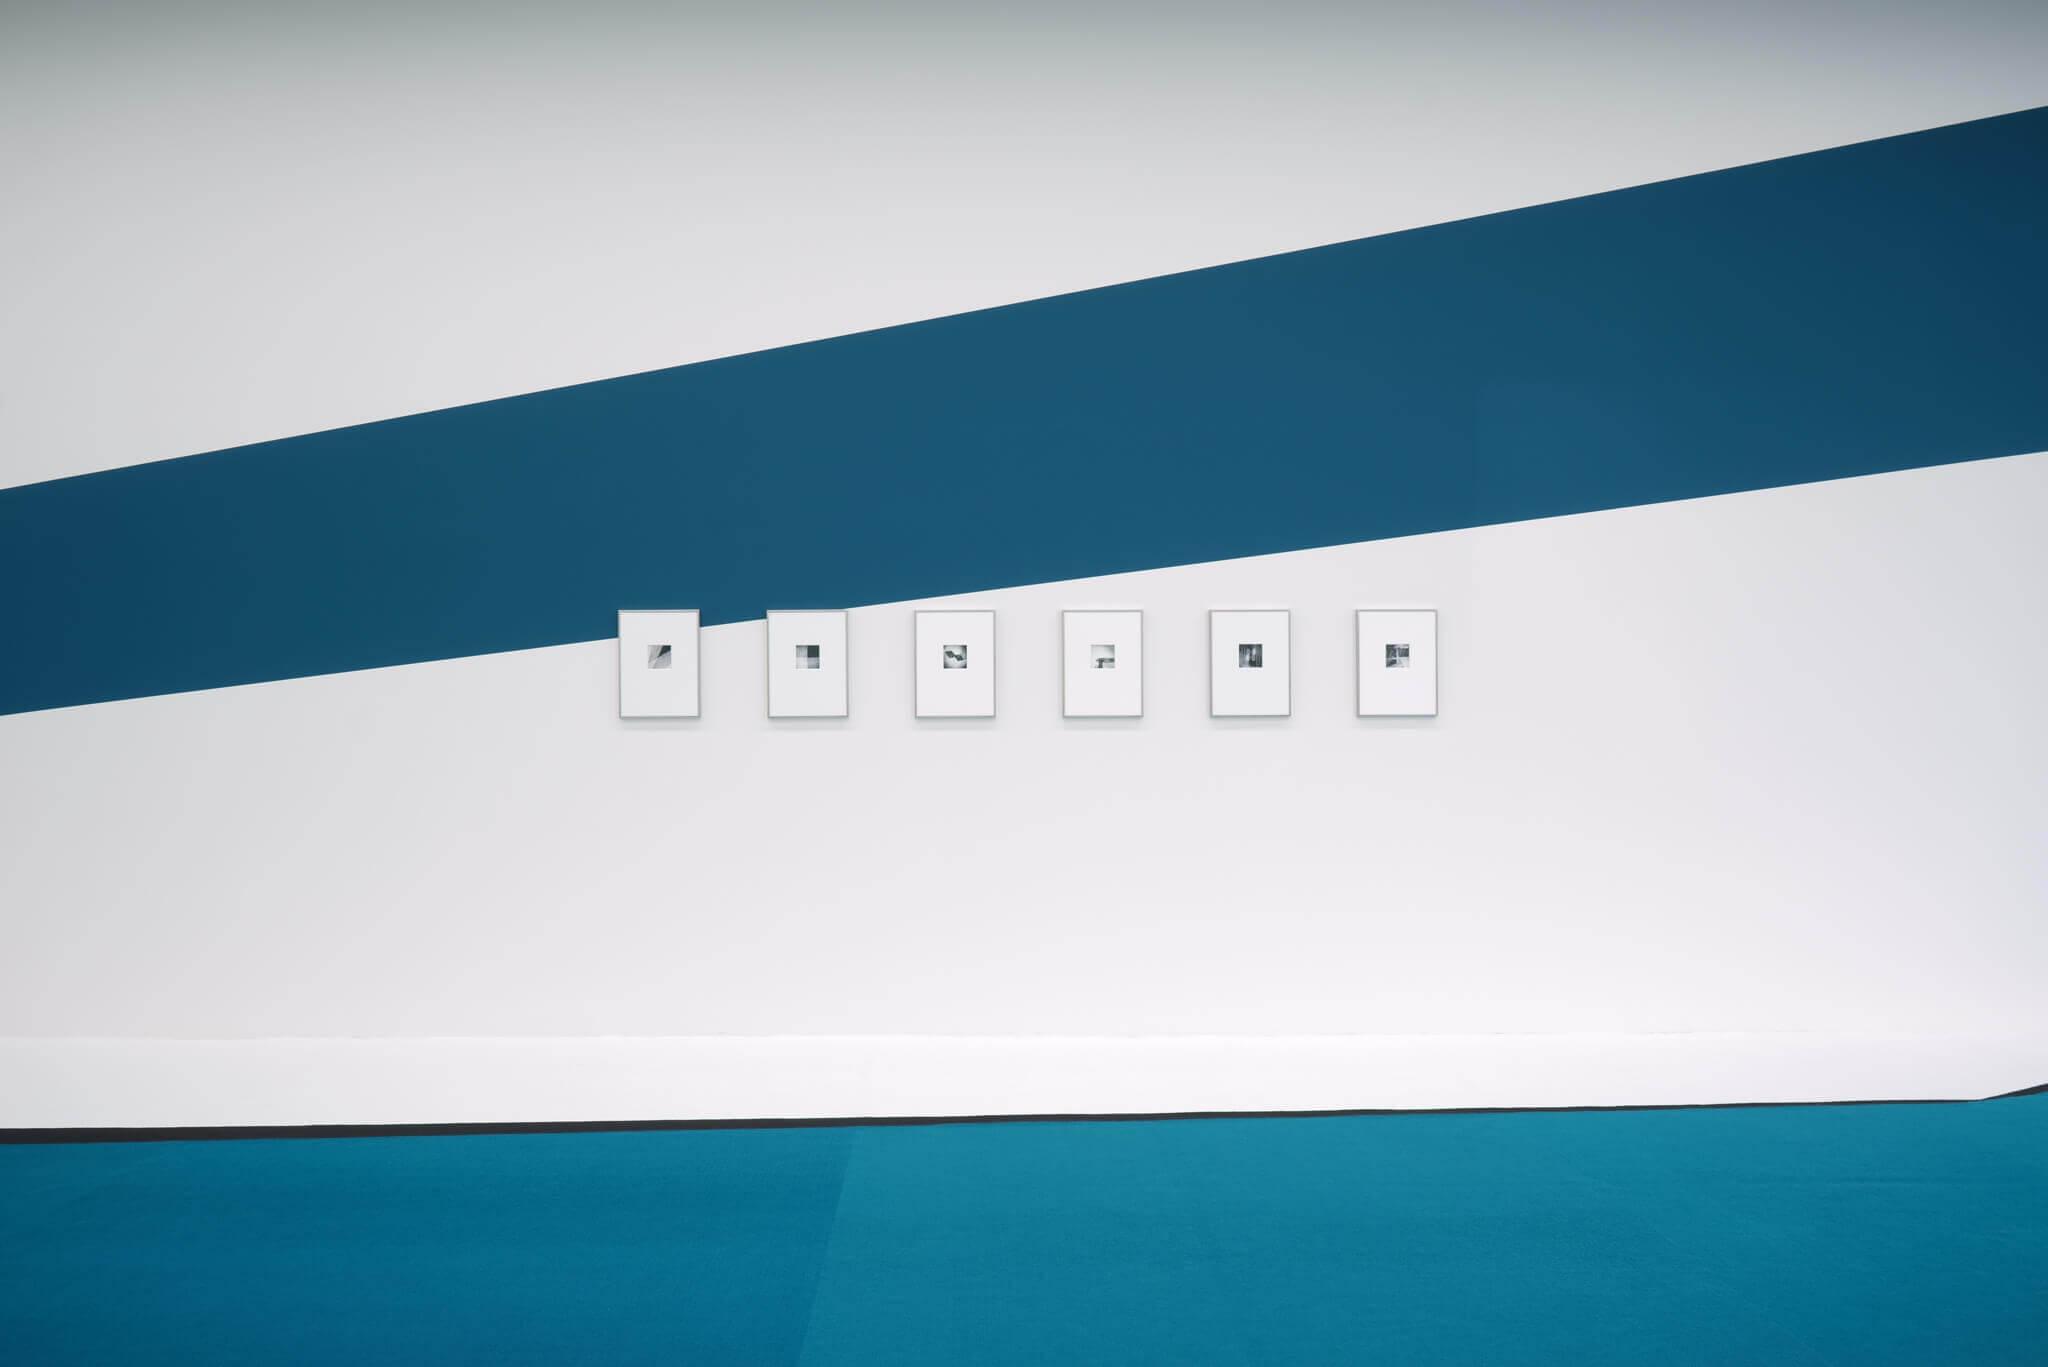 6_Frauke Dannert_Collage_Ausstellung_Wandmalerei_Kunstmuseum Luzern_ 2017